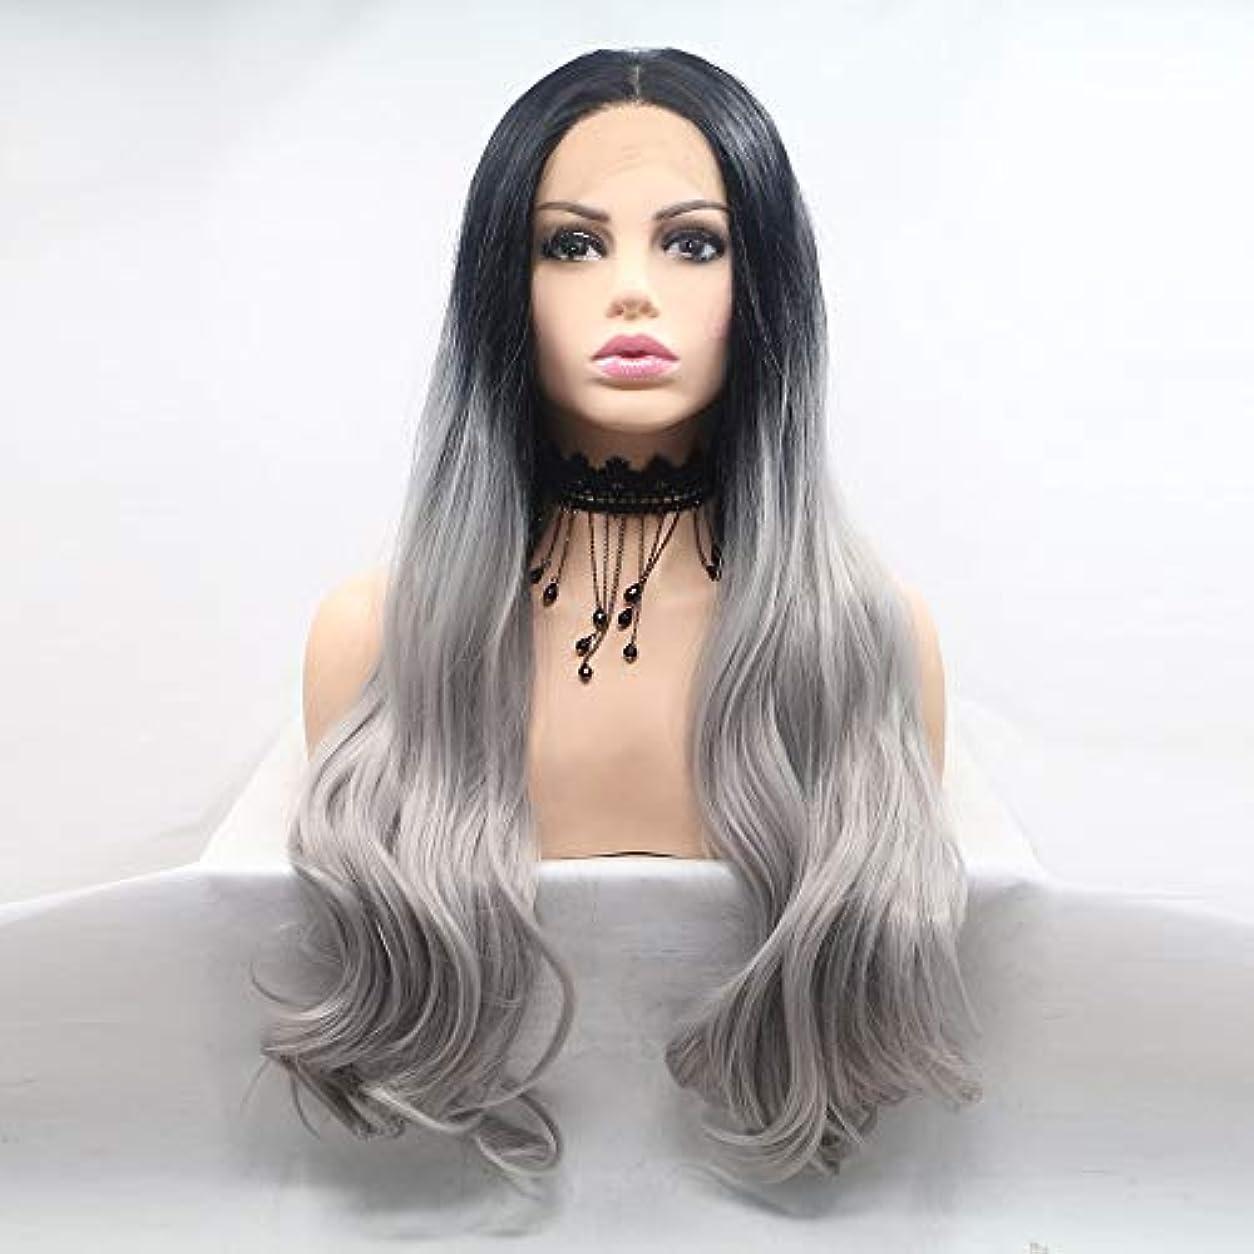 ディベート痴漢食べるZXF かつら女性手作りレースヨーロッパとアメリカのかつらはかつらの髪のセット - 黒 - リネングレー - 長い巻き毛のセット 美しい